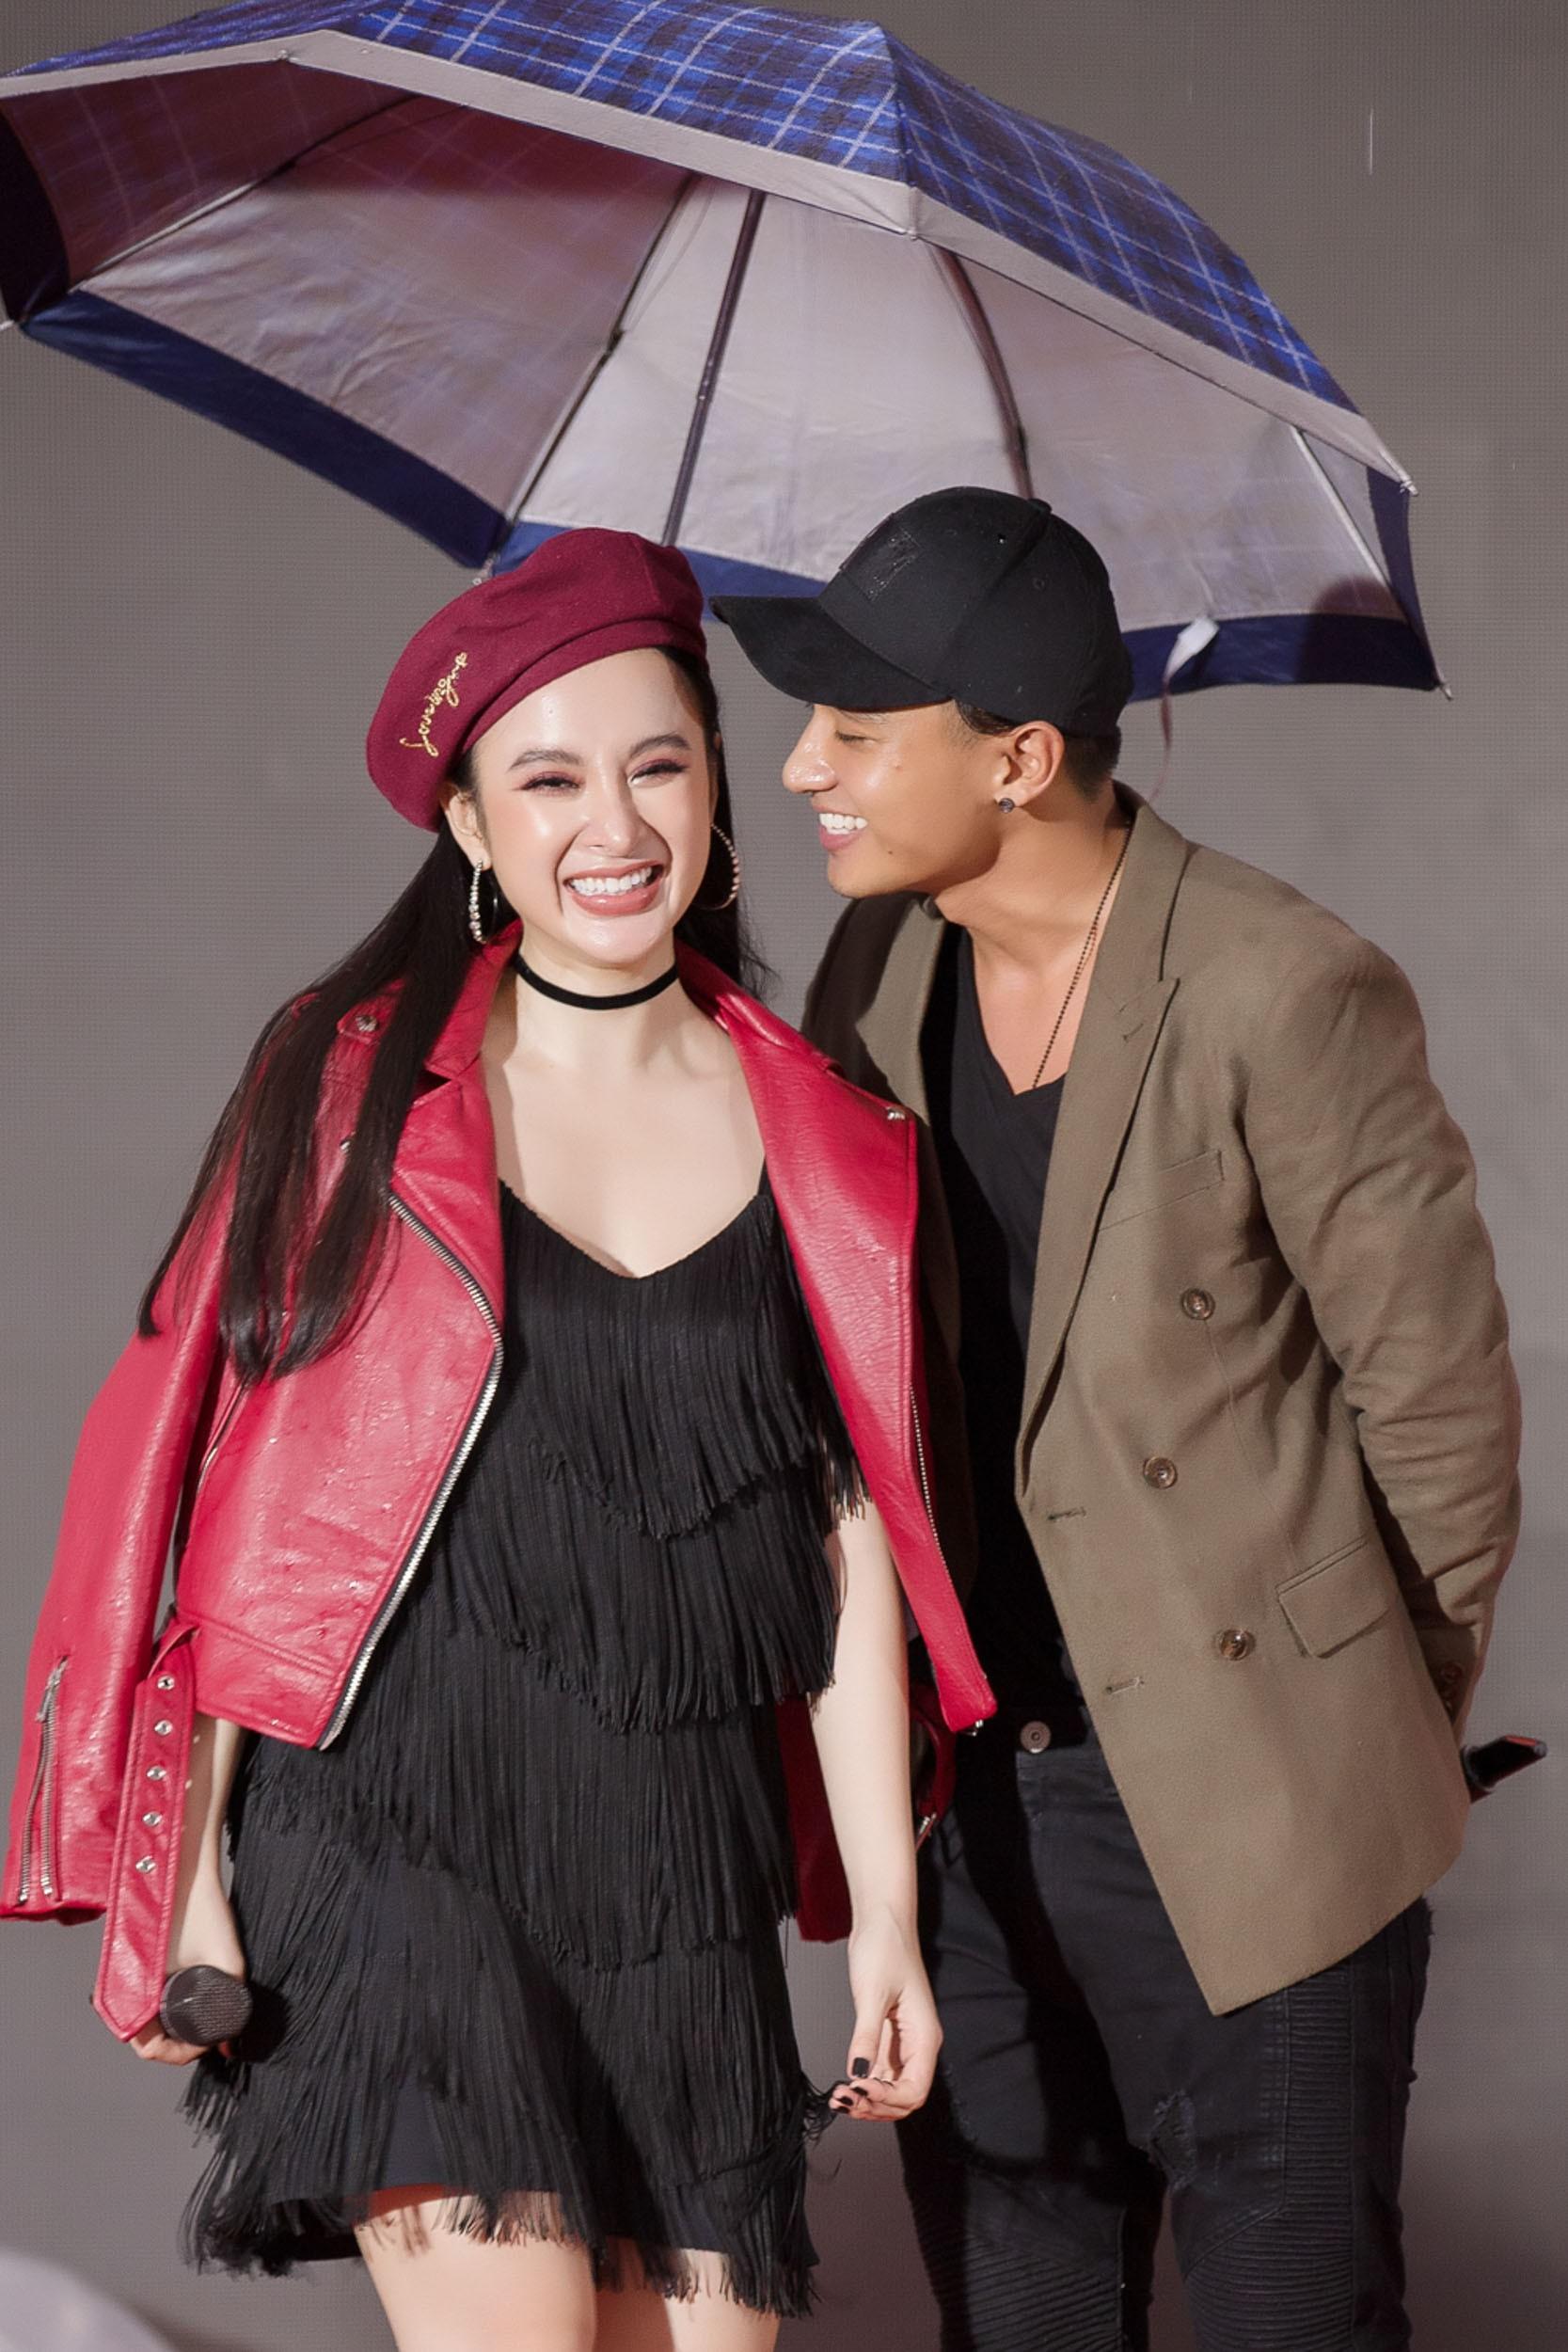 Hữu Vi khoá môi Angela Phương Trinh say đắm giữa trời mưa trước mặt khán giả - Ảnh 2.